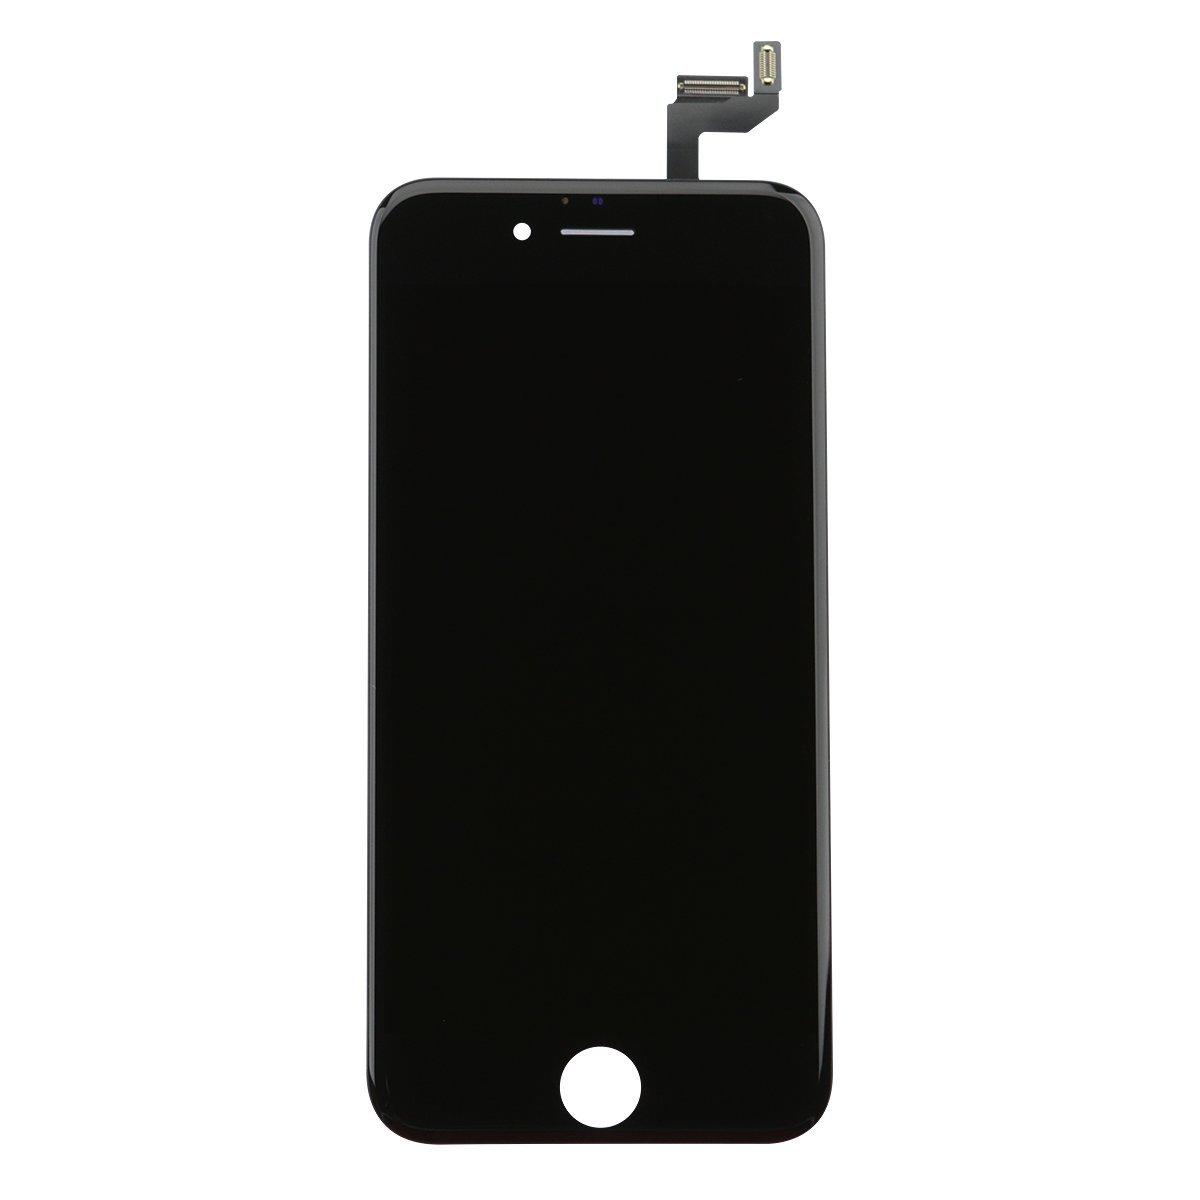 Kit de Herramienta de desmontaje Smartex Pantalla Blanco Compatible con iPhone SE//Pantalla LCD con Retina t/áctil